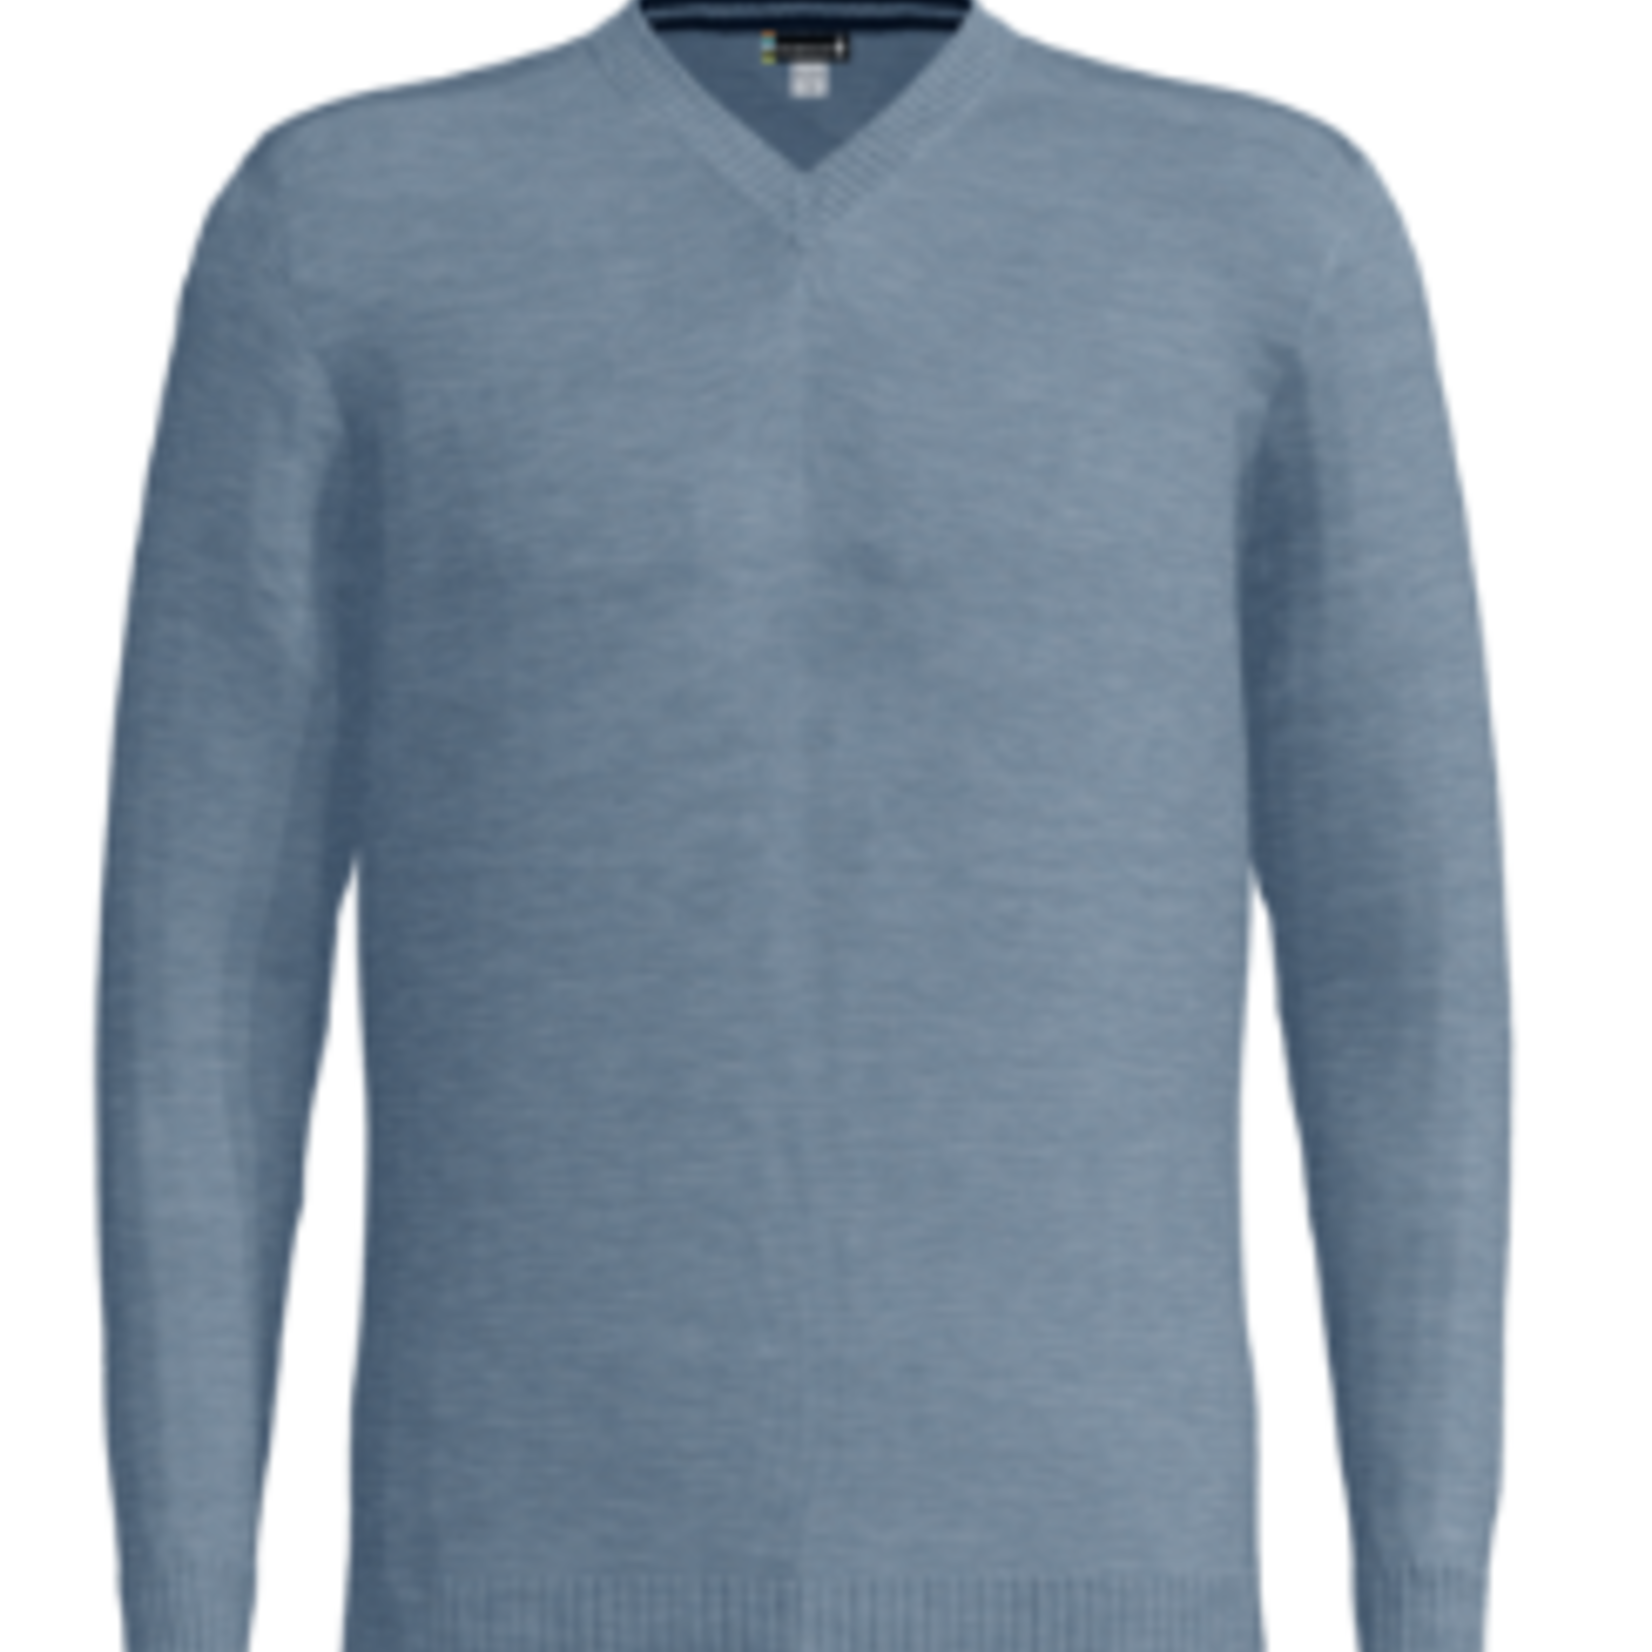 Smartwool Smartwool Men's Sparwood V-Neck Sweater - P-141716